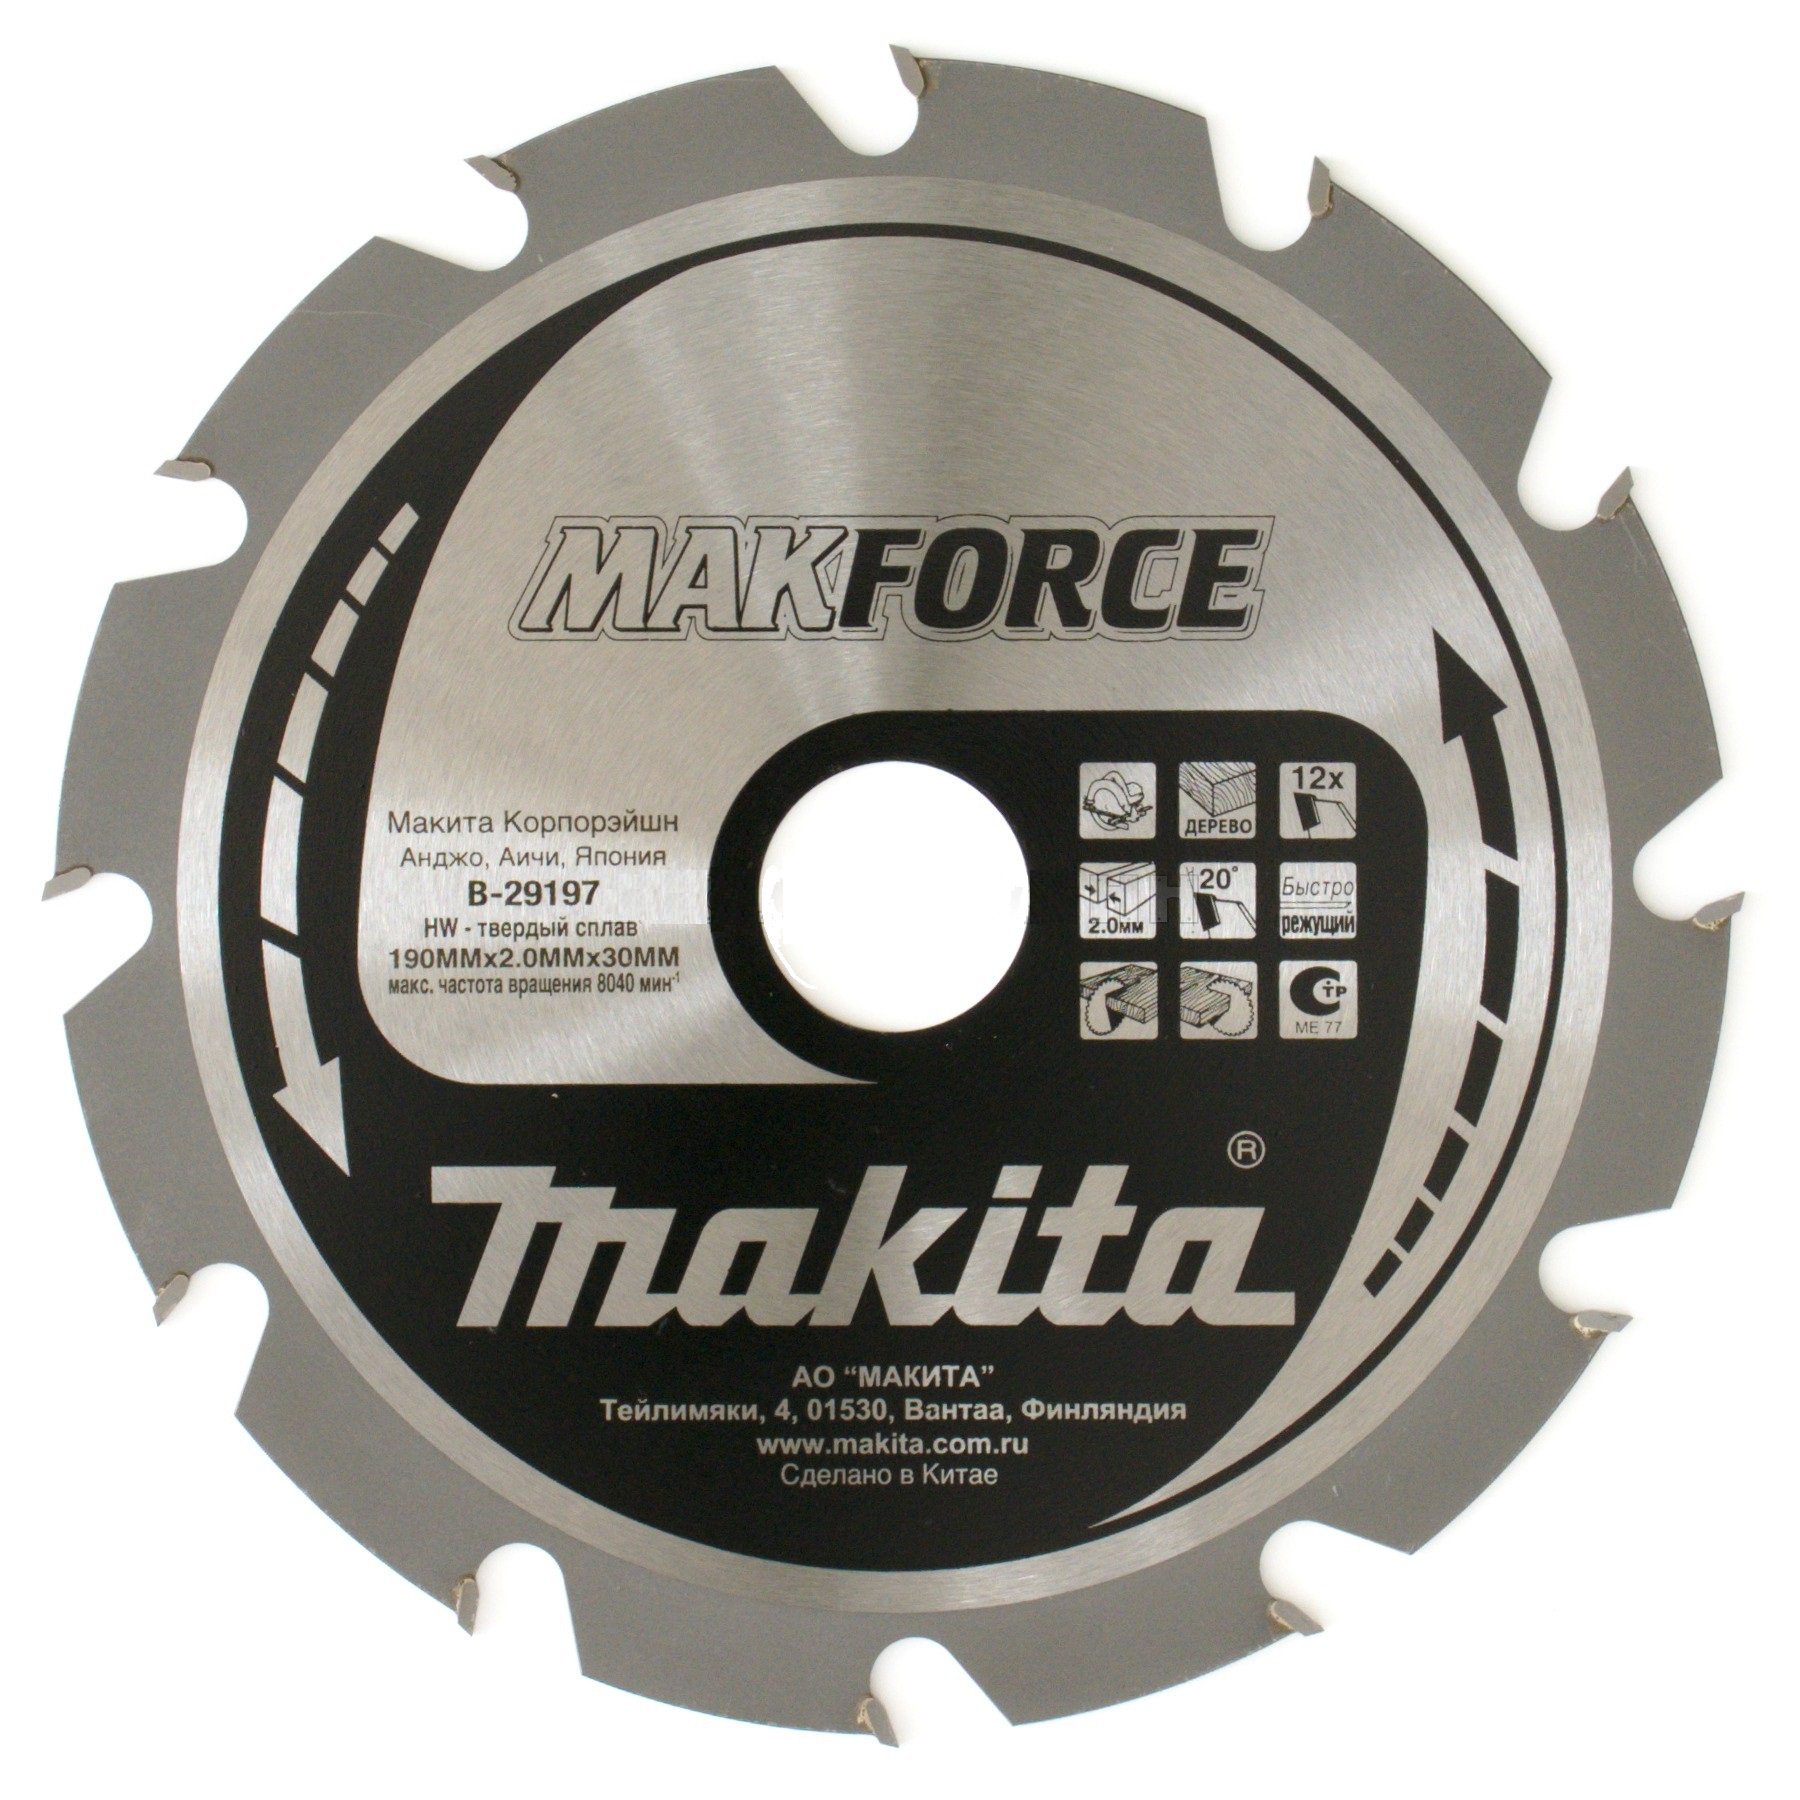 Диск пильный твердосплавный Makita 190 x 12 x 30 190 540nm